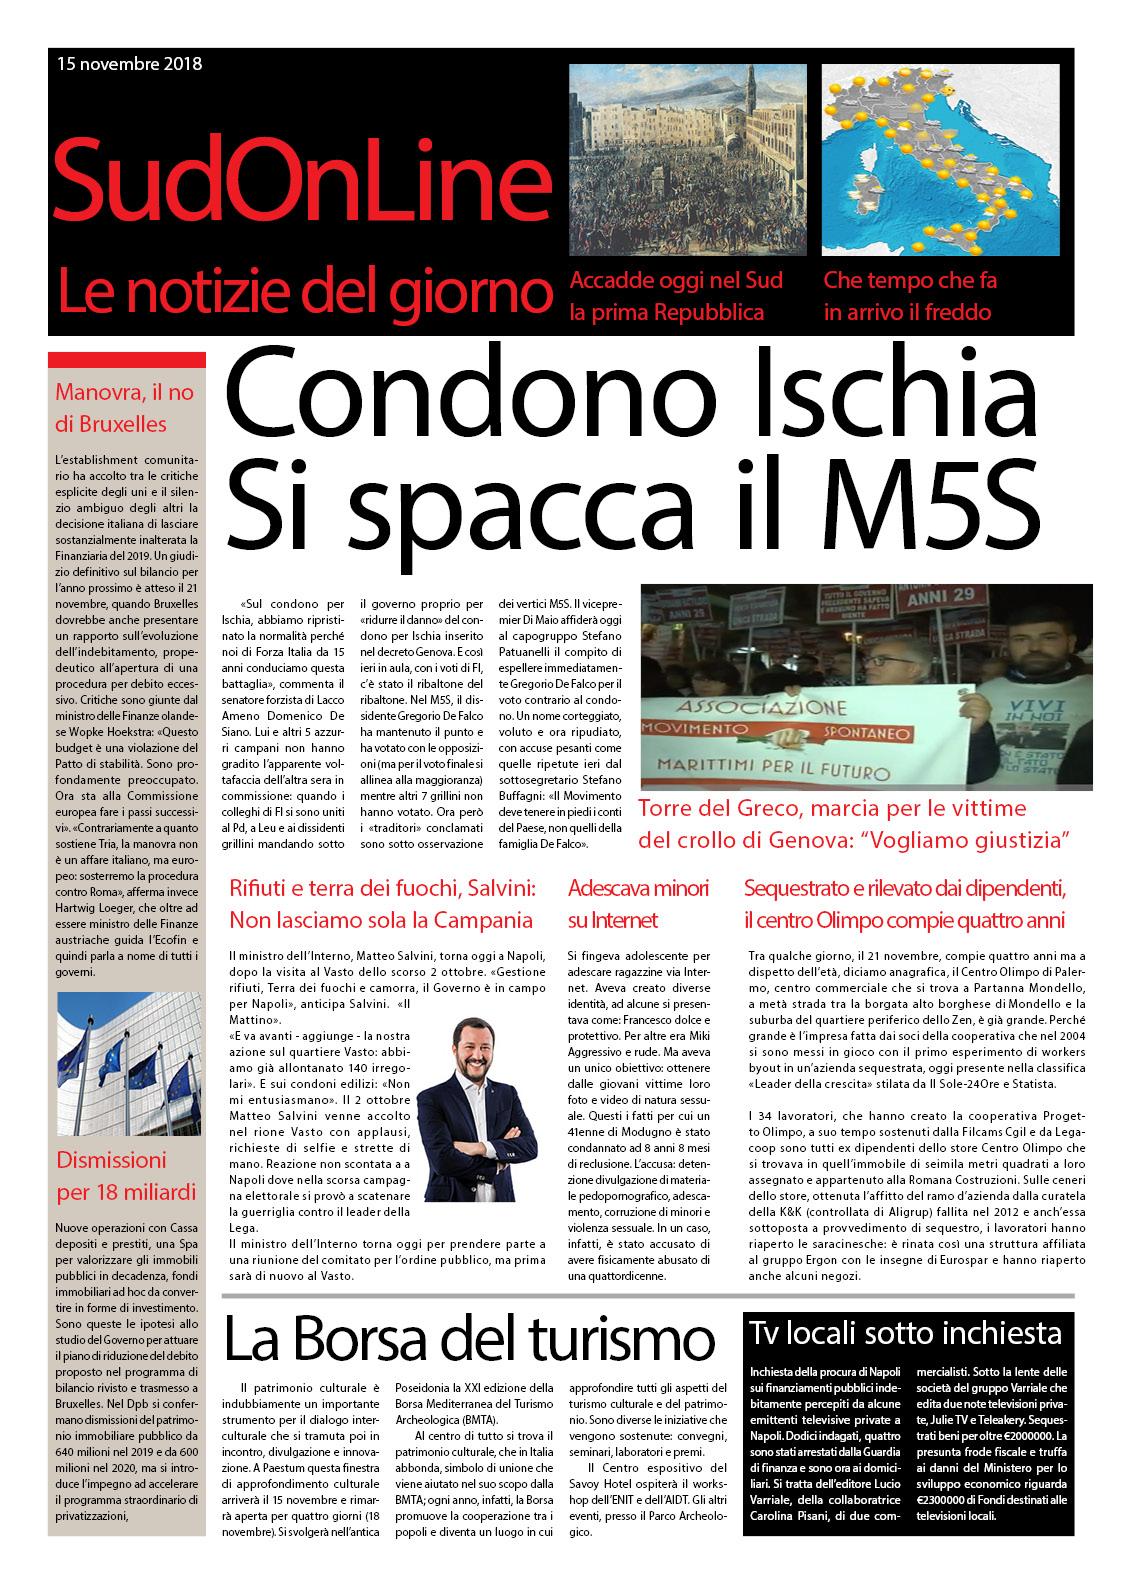 IlSudOnLine del 15 novembre: Torre del Greco ricorda le vittime di Genova, inchiesta sulle tv campane, Salvini a Napoli